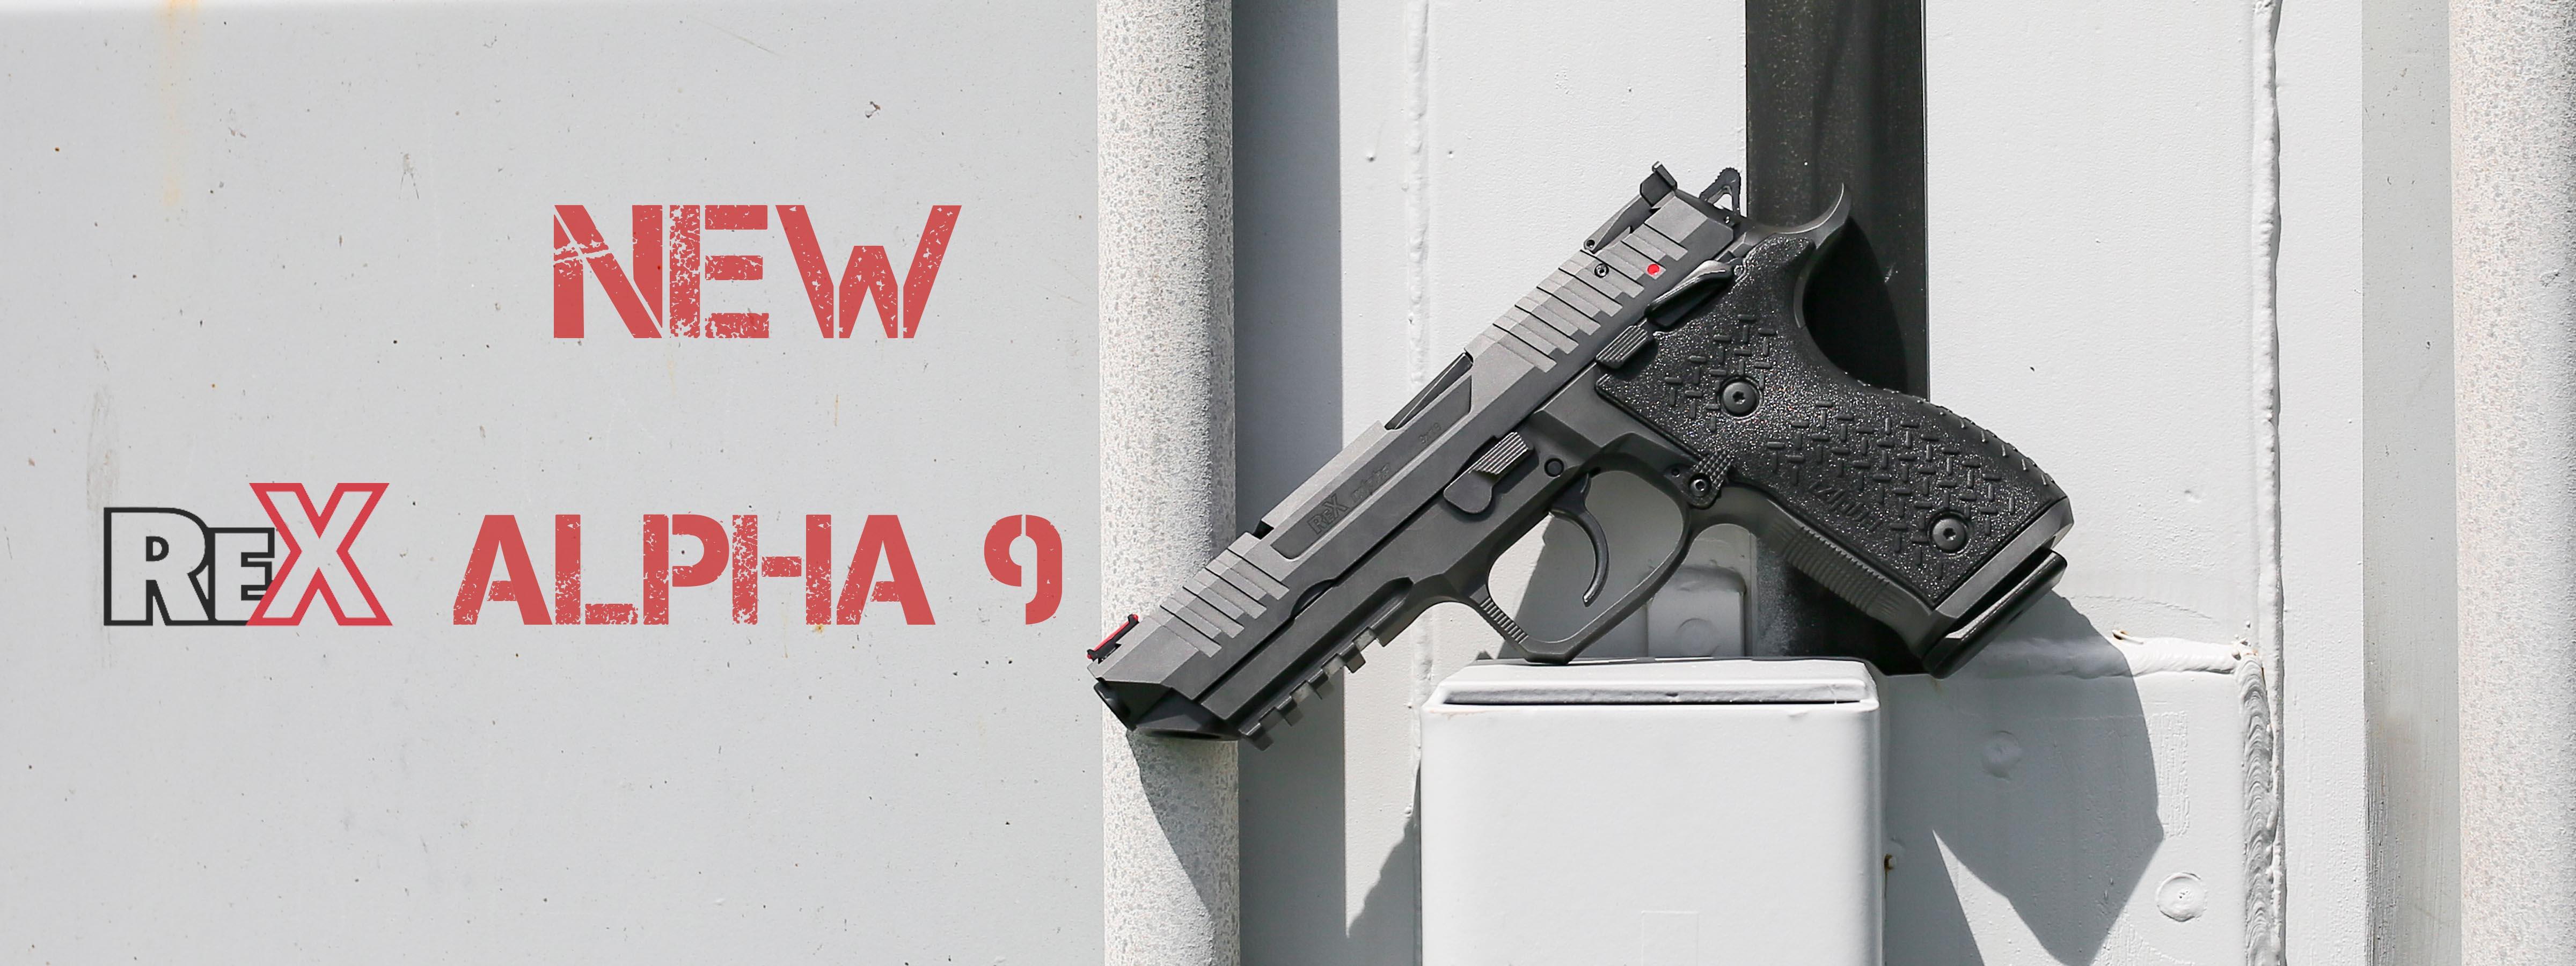 Rex Alpha 9